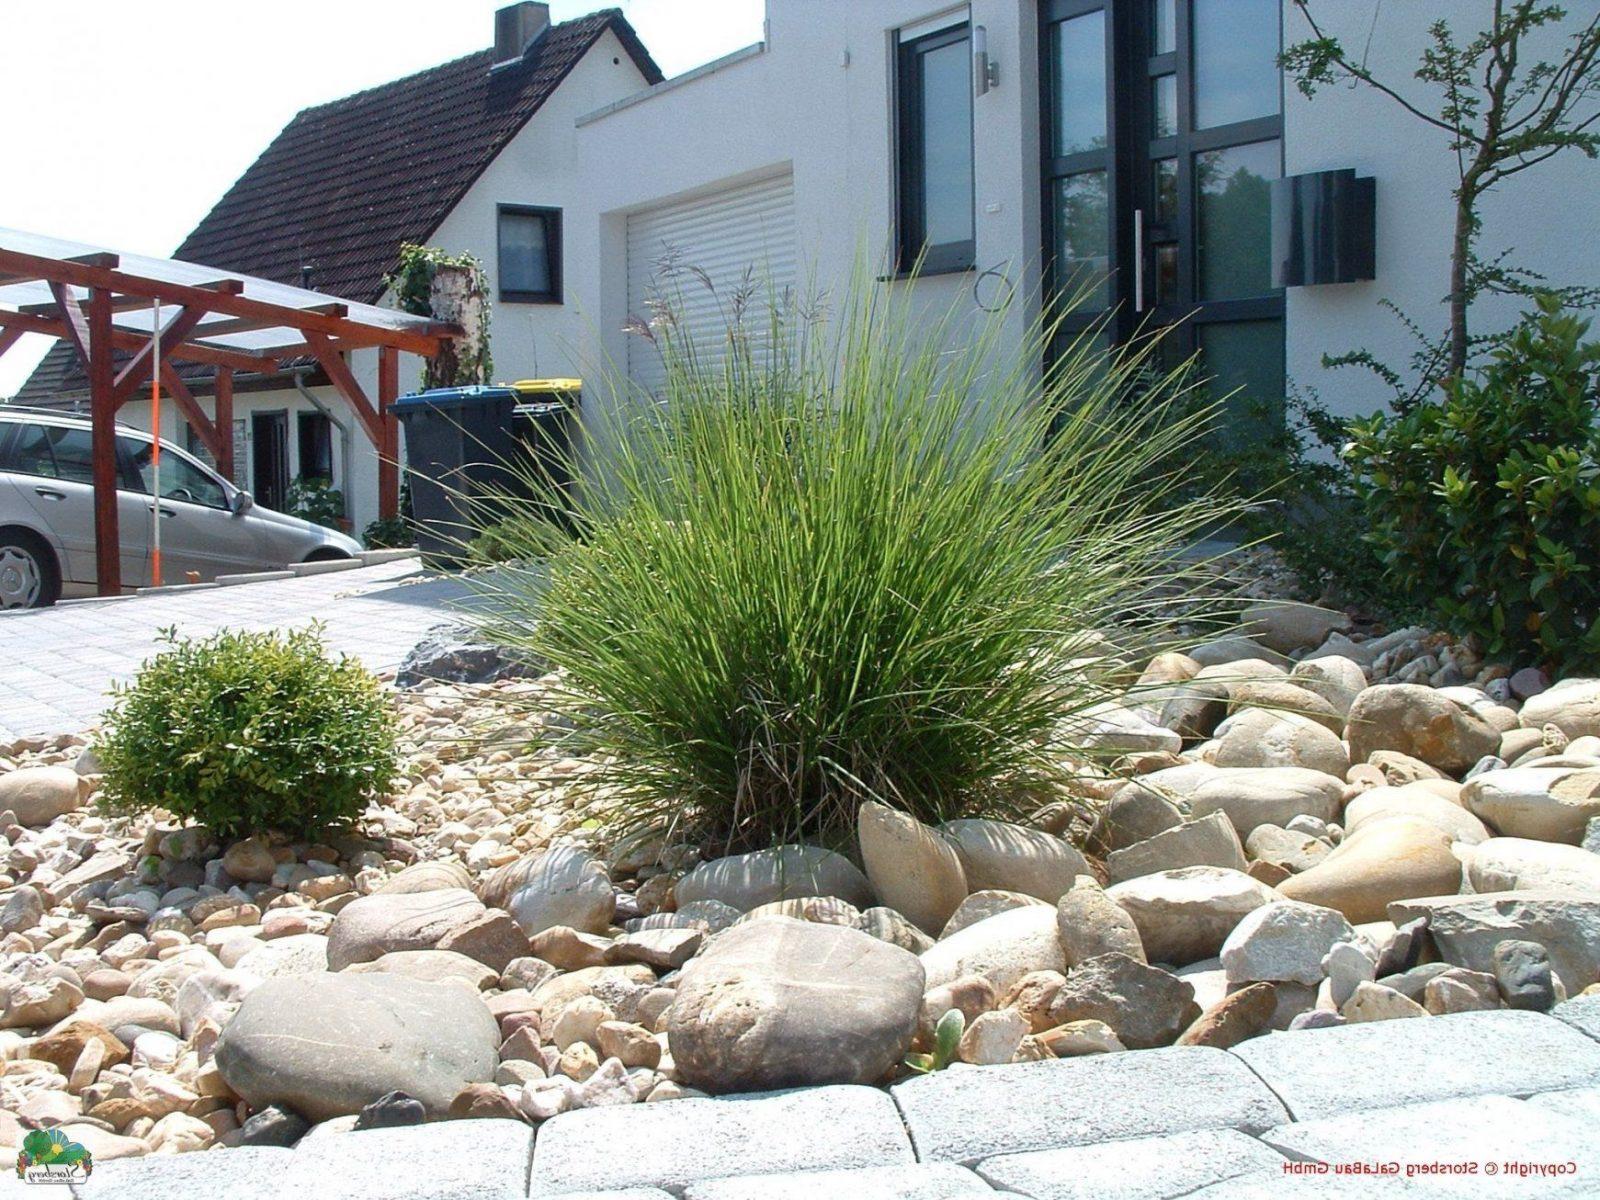 Vorgarten Kies Gestalten Bilder Neu Vorgarten Gestalten Ideen von Vorgarten Gestalten Mit Kies Photo